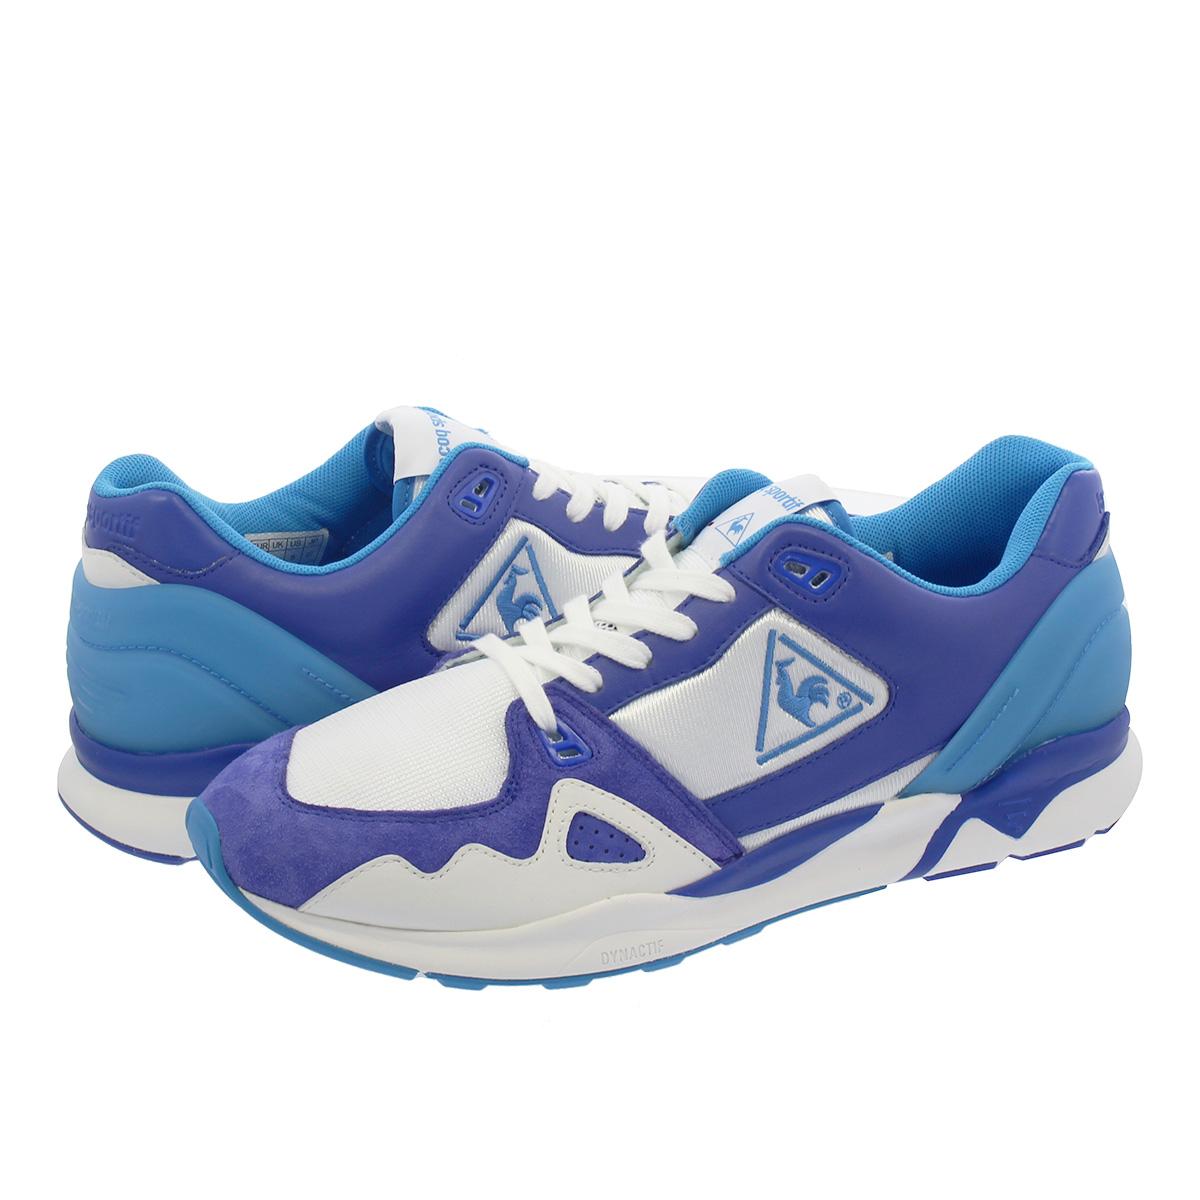 【毎日がお得!値下げプライス】 le coq sportif LCS R921 【mita sneakers】 ルコック スポルティフ LCS R921 WHITE/BLUE ql1mjc50wb